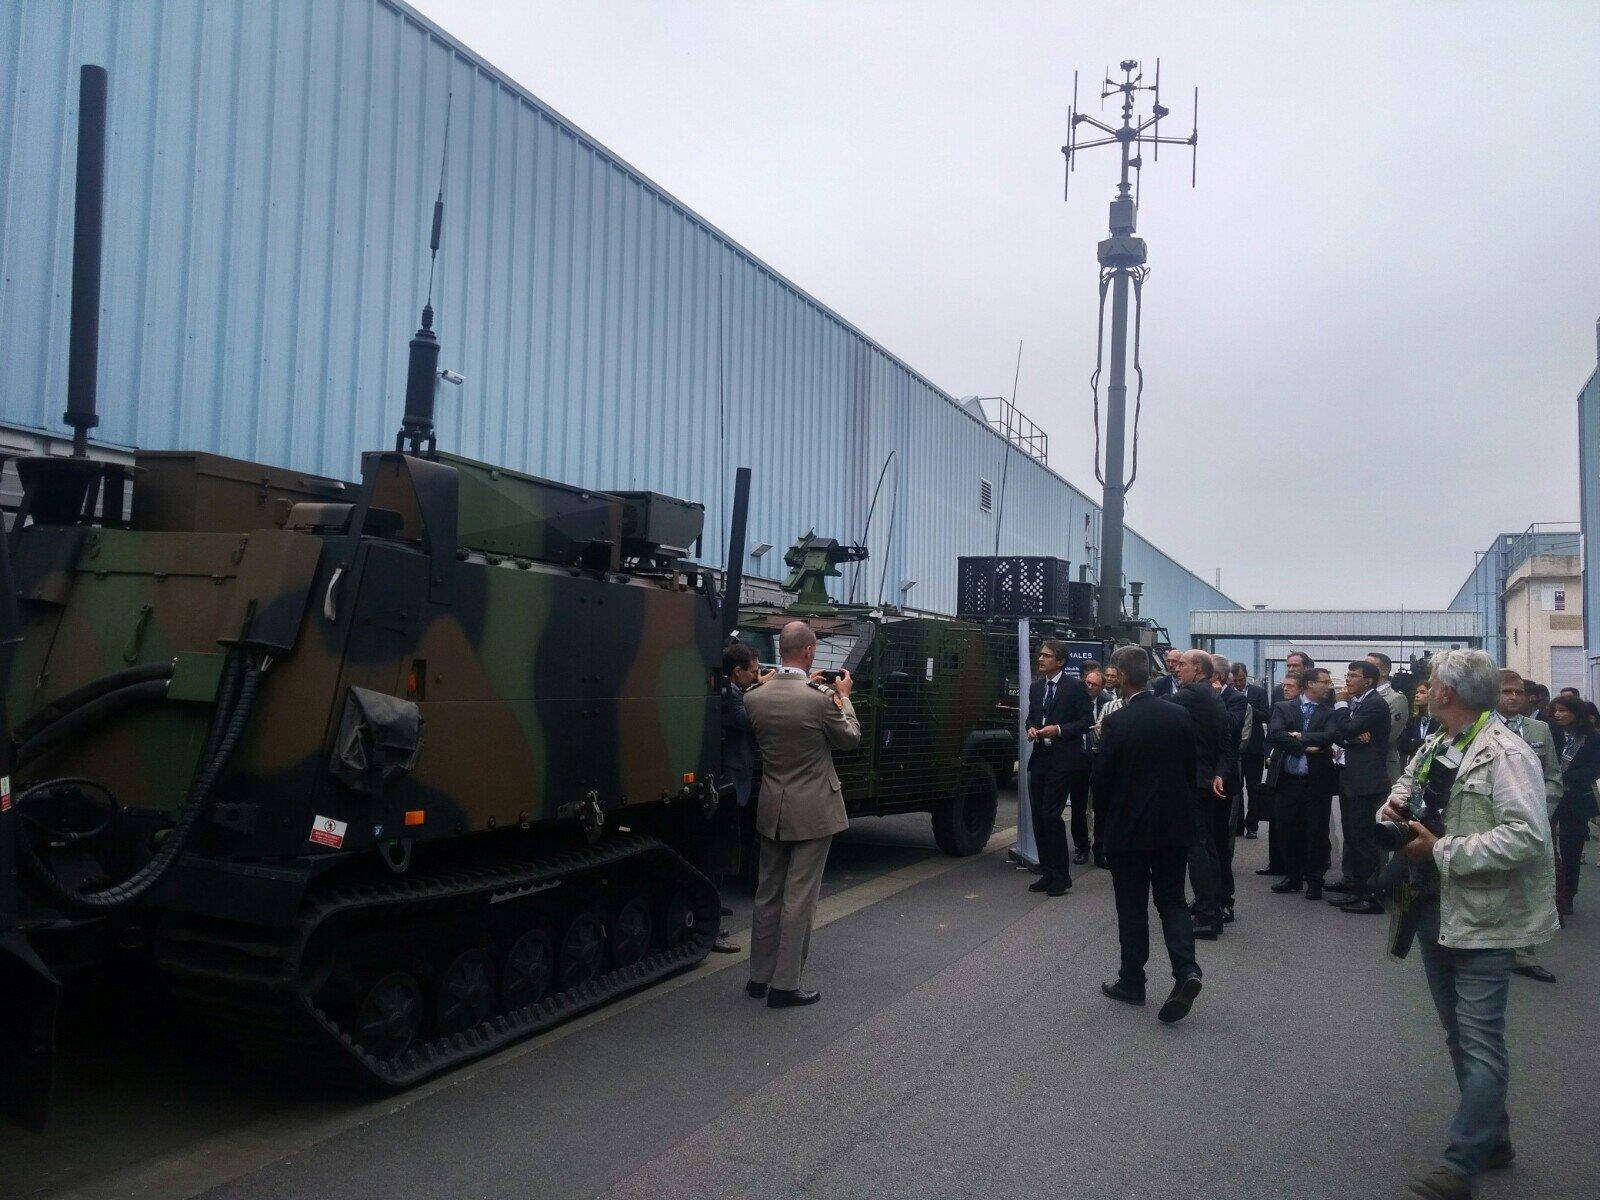 Le DGA, le Major général de l'armée de Terre et le PDG de Thales se font présenter des éléments de guerre électronique des télécommunications sur le site de Cholet